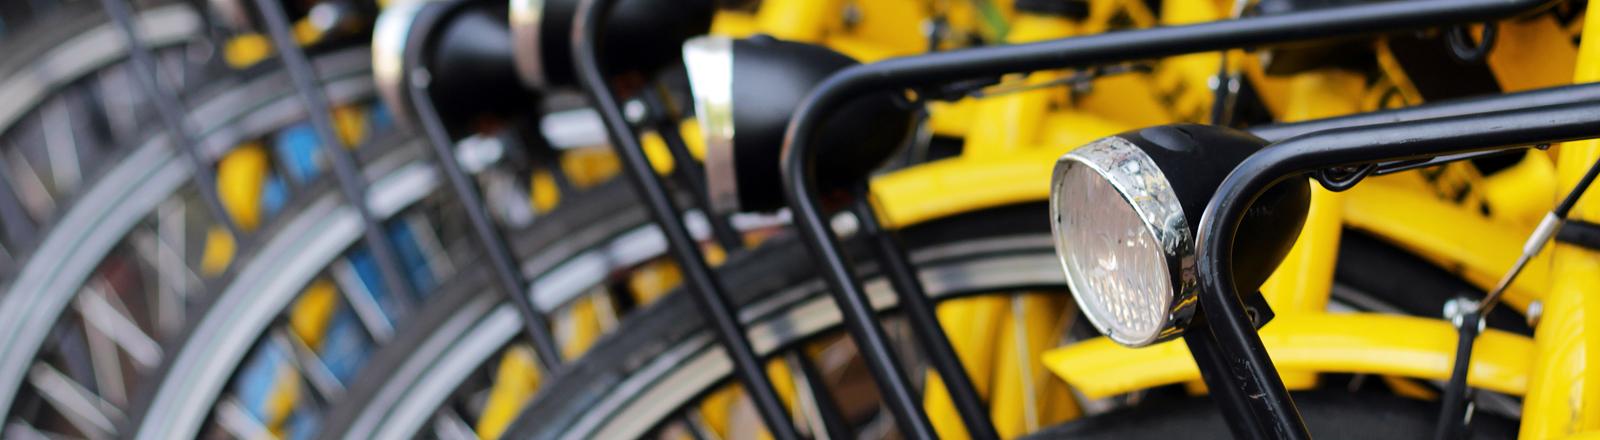 Fahrräder an einem Stand